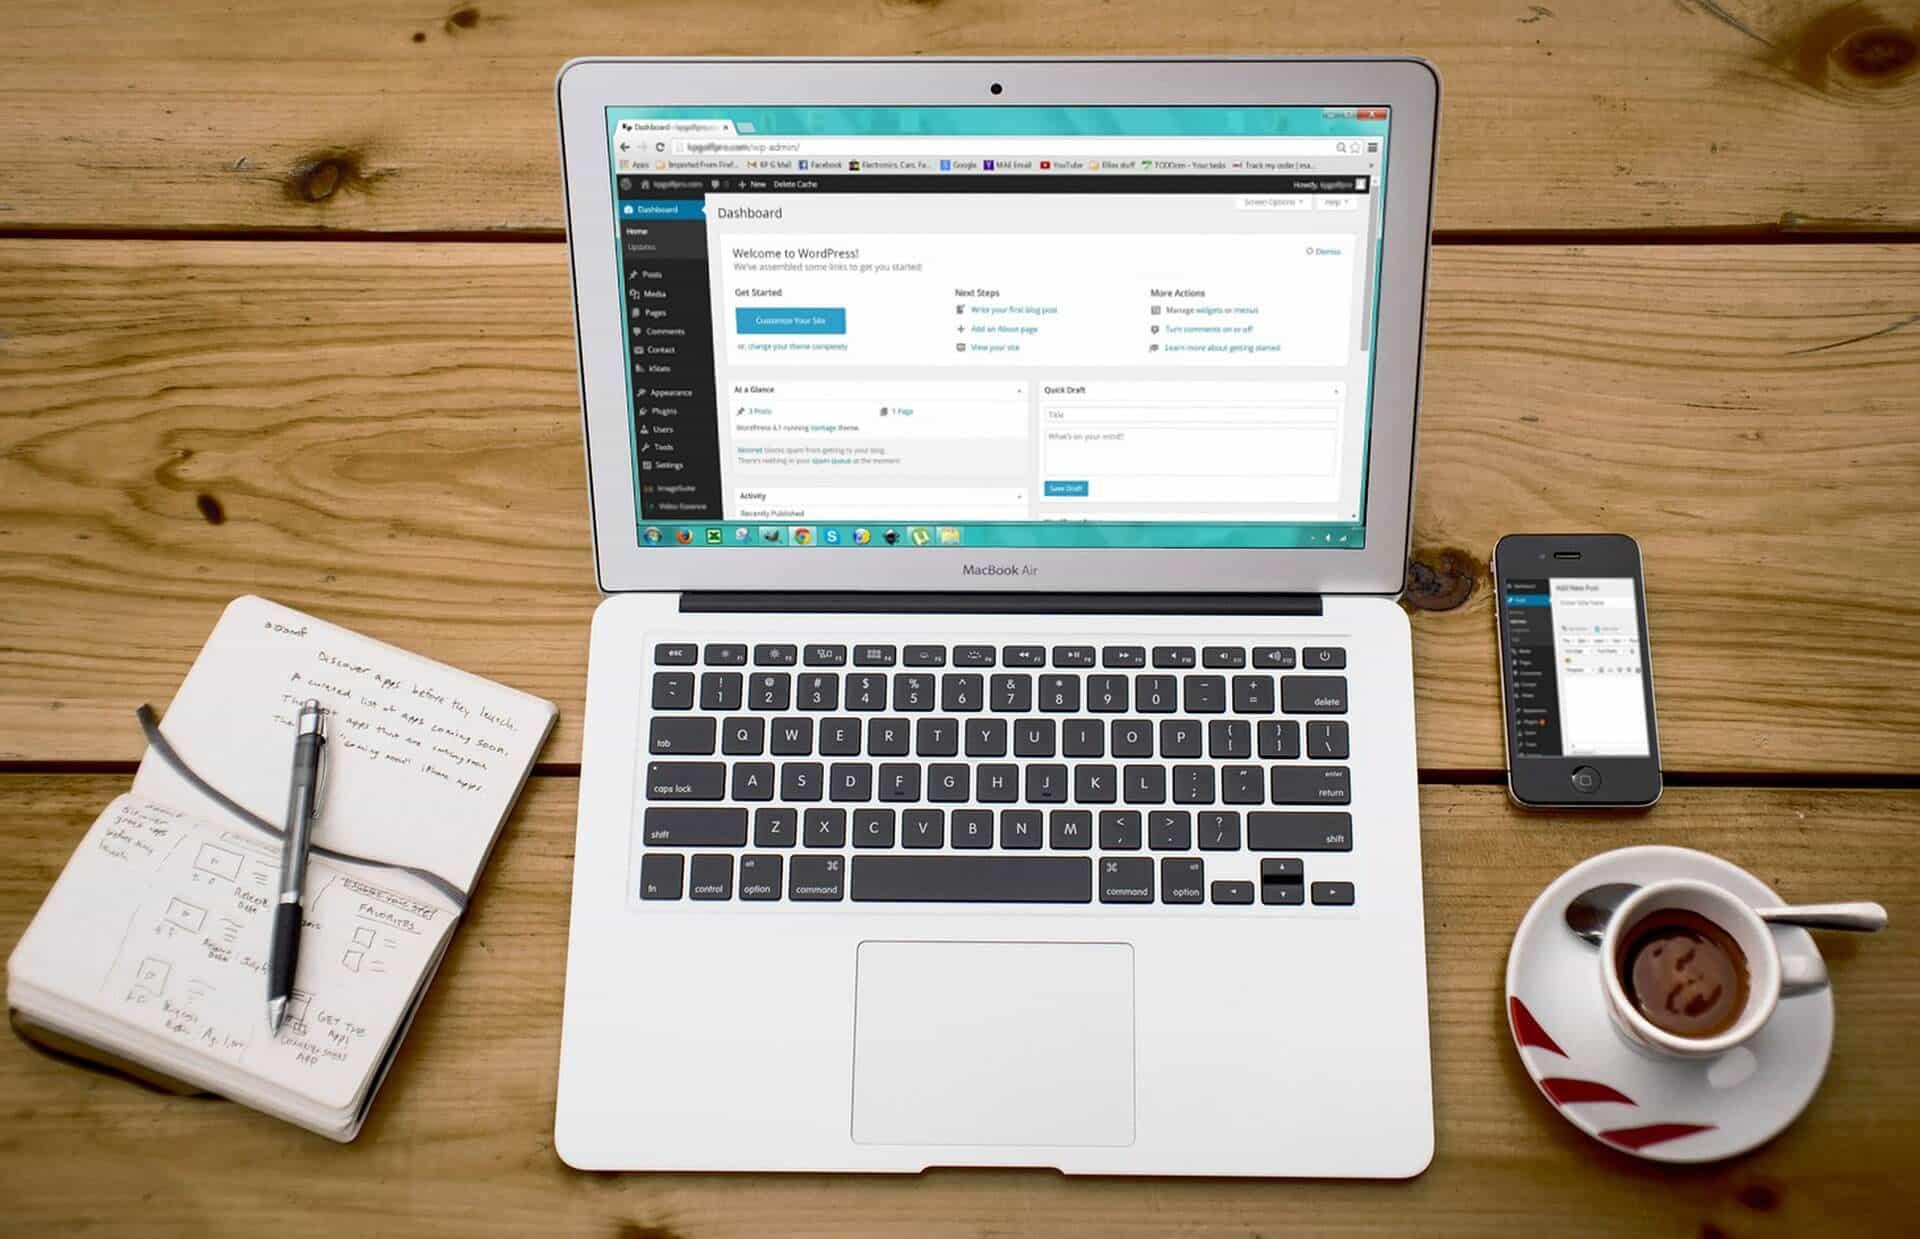 Hướng dẫn cài đặt Website WordPress đầy đủ cho người bắt đầu